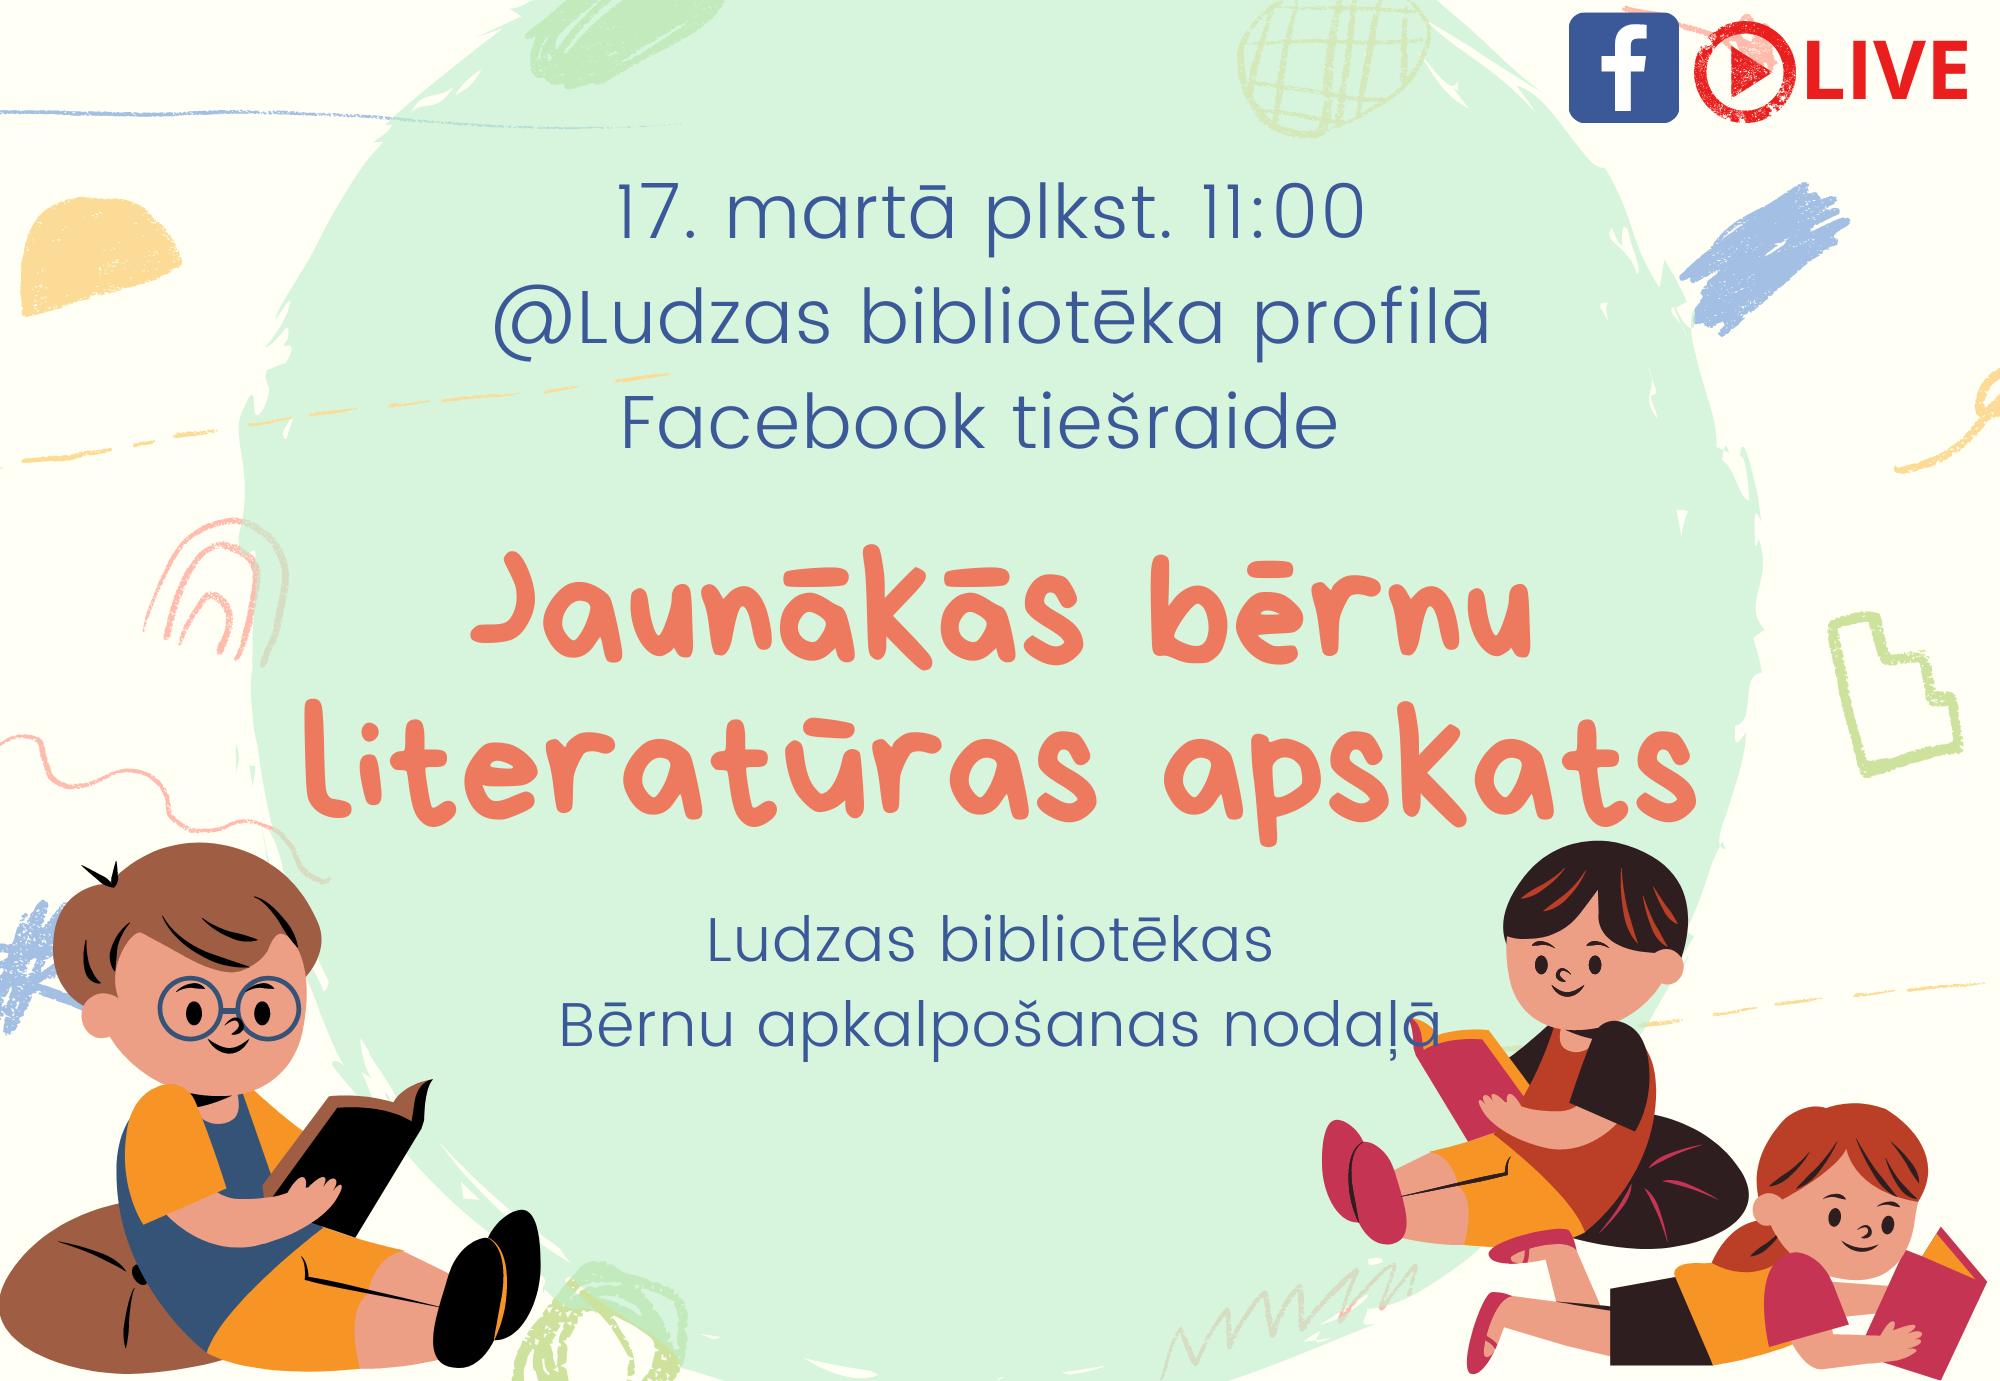 Jaunās bērnu literatūras apskats